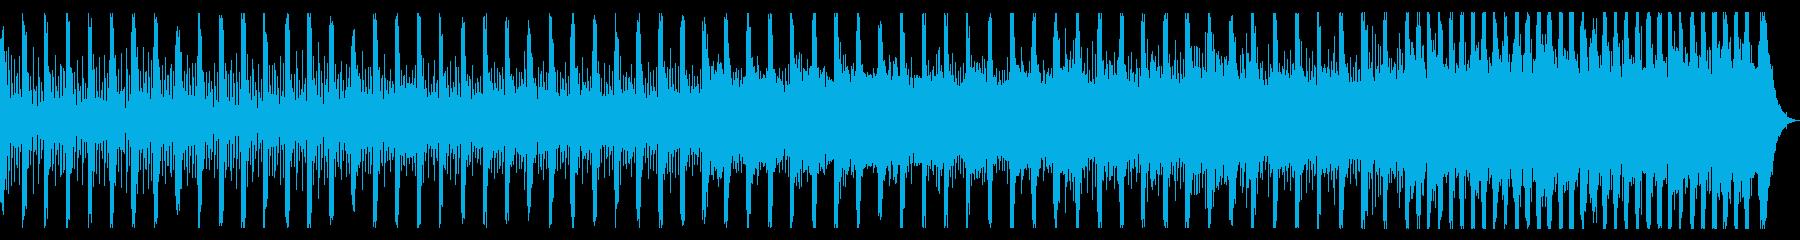 生音劇伴・緊迫感オーケストラストリングスの再生済みの波形